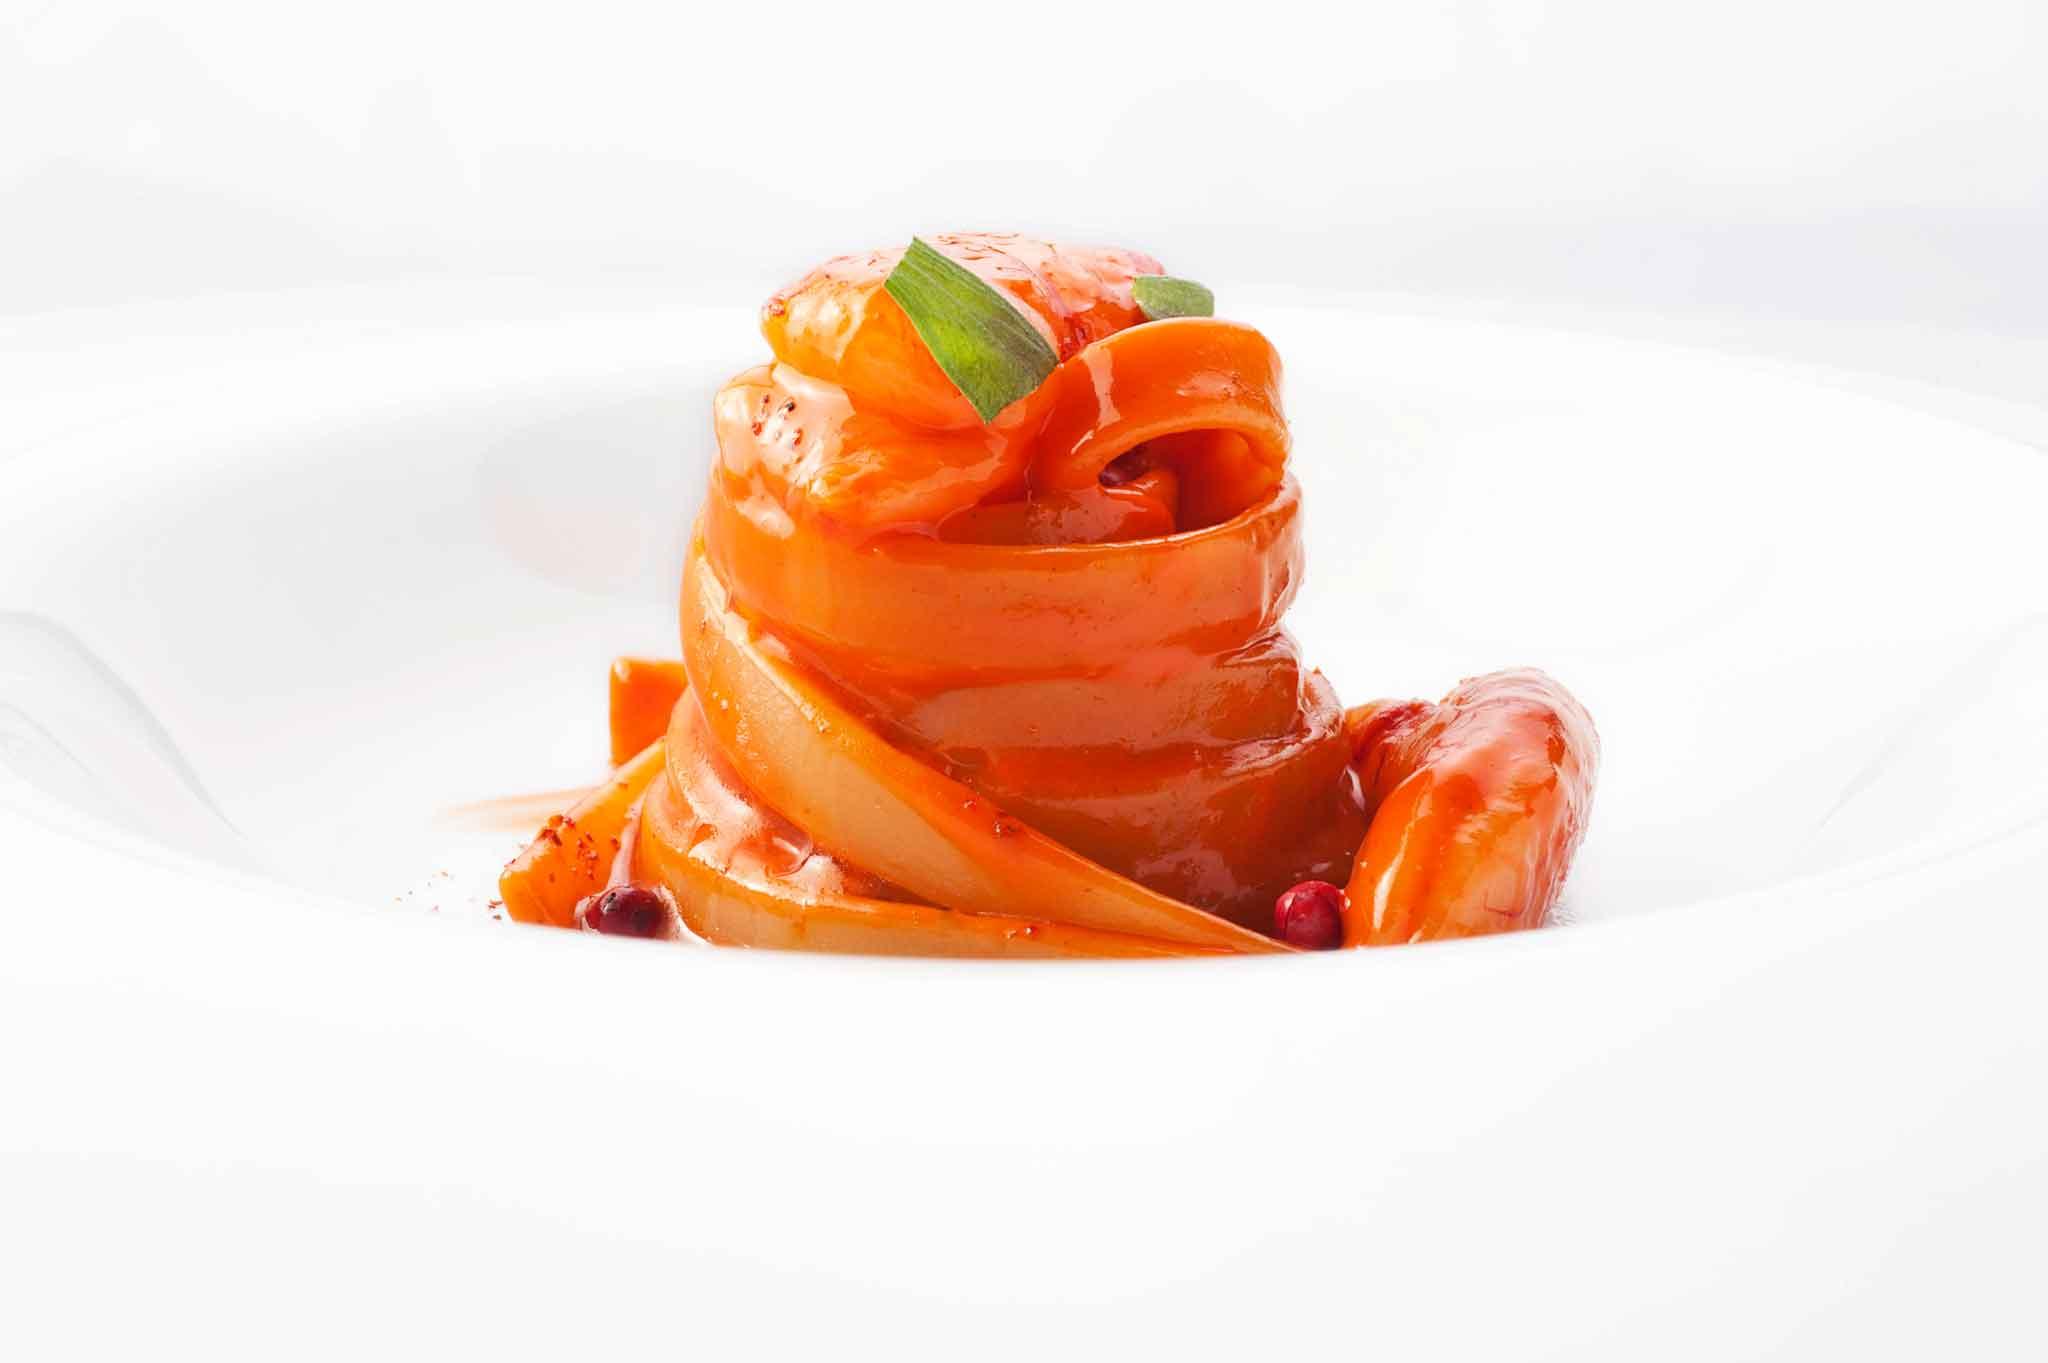 fettuccia-di-semola-con-gamberi-rossi-e-pepe-rosa-Romito-2011